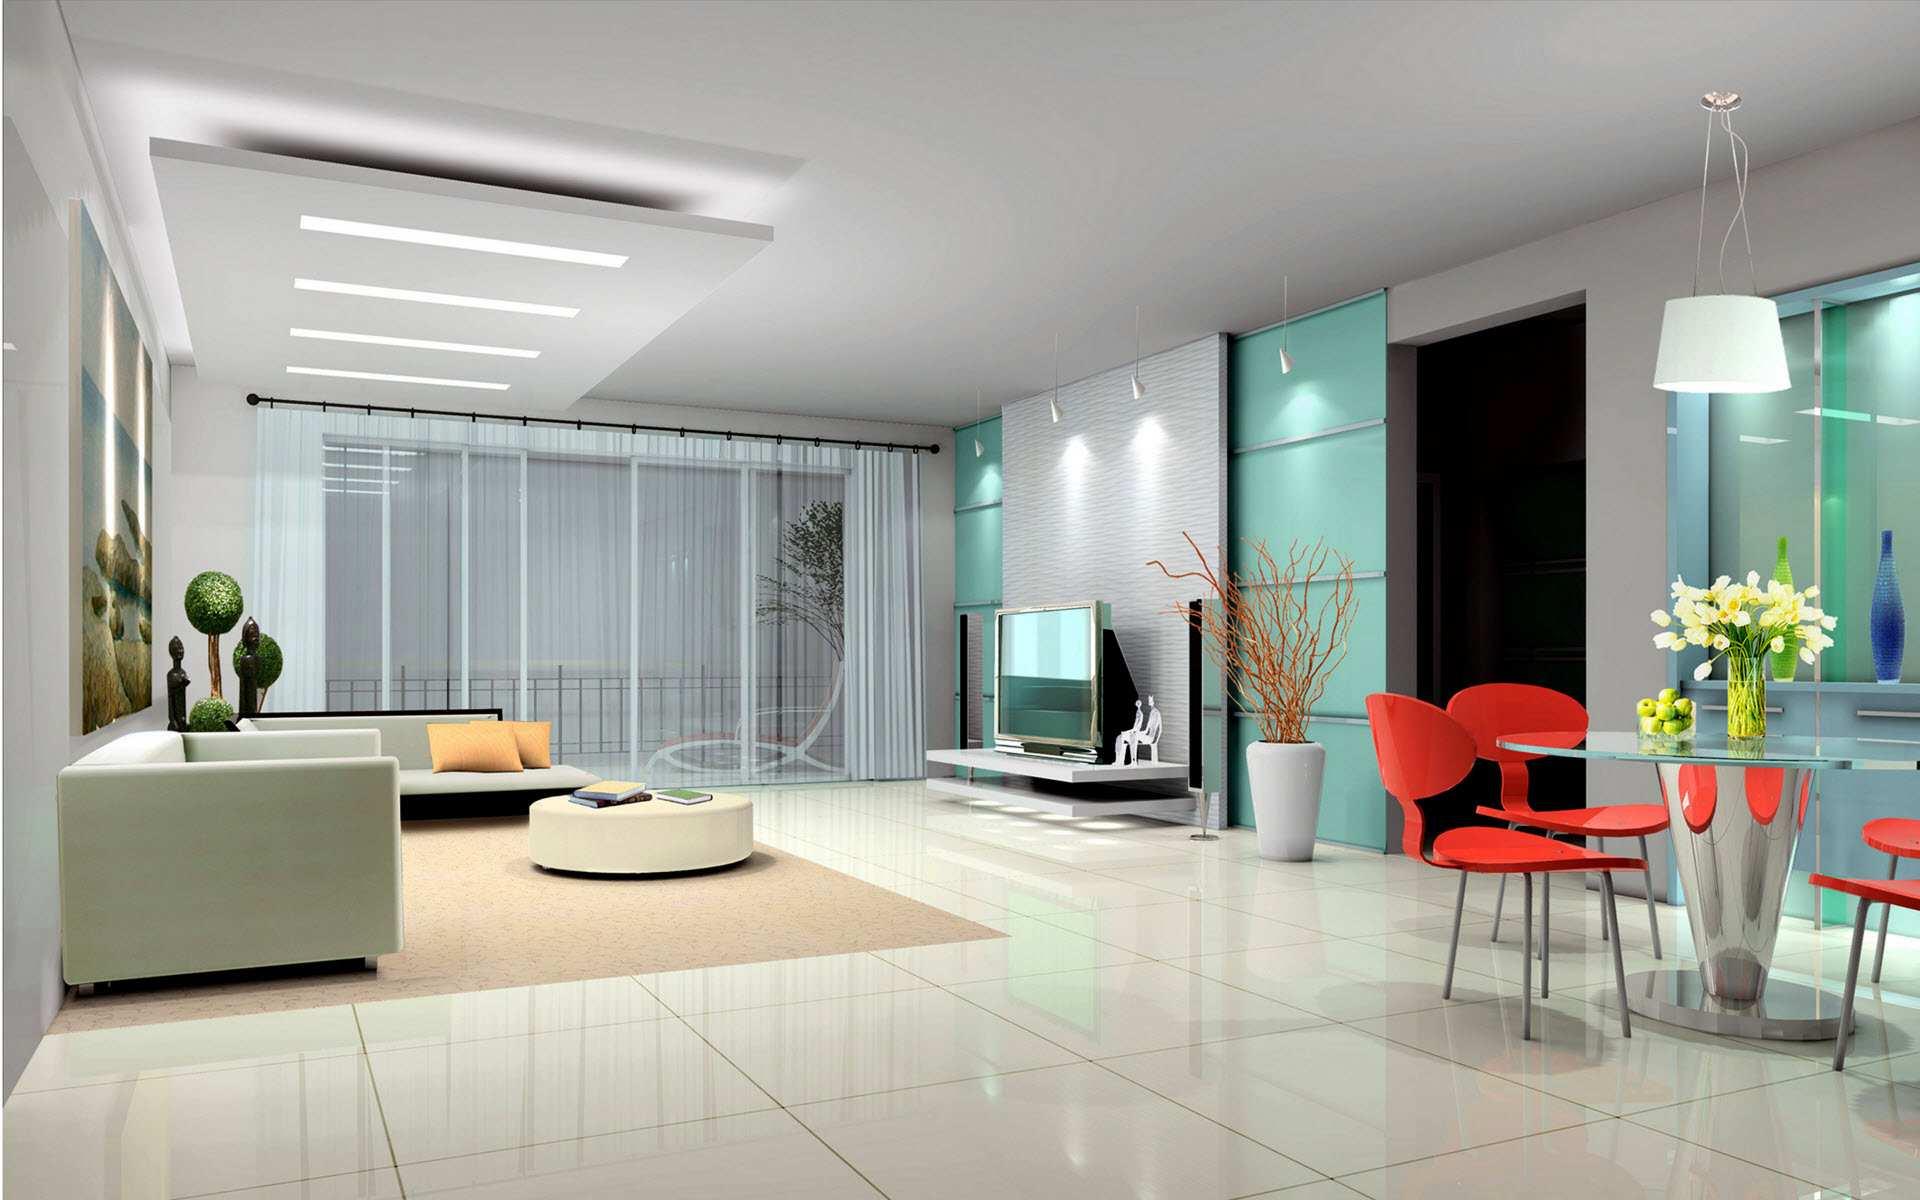 Jasa desain rumah membantu menghemat dana dan juga waktu serta tenaga Anda (Sumber: homeboxy.info)